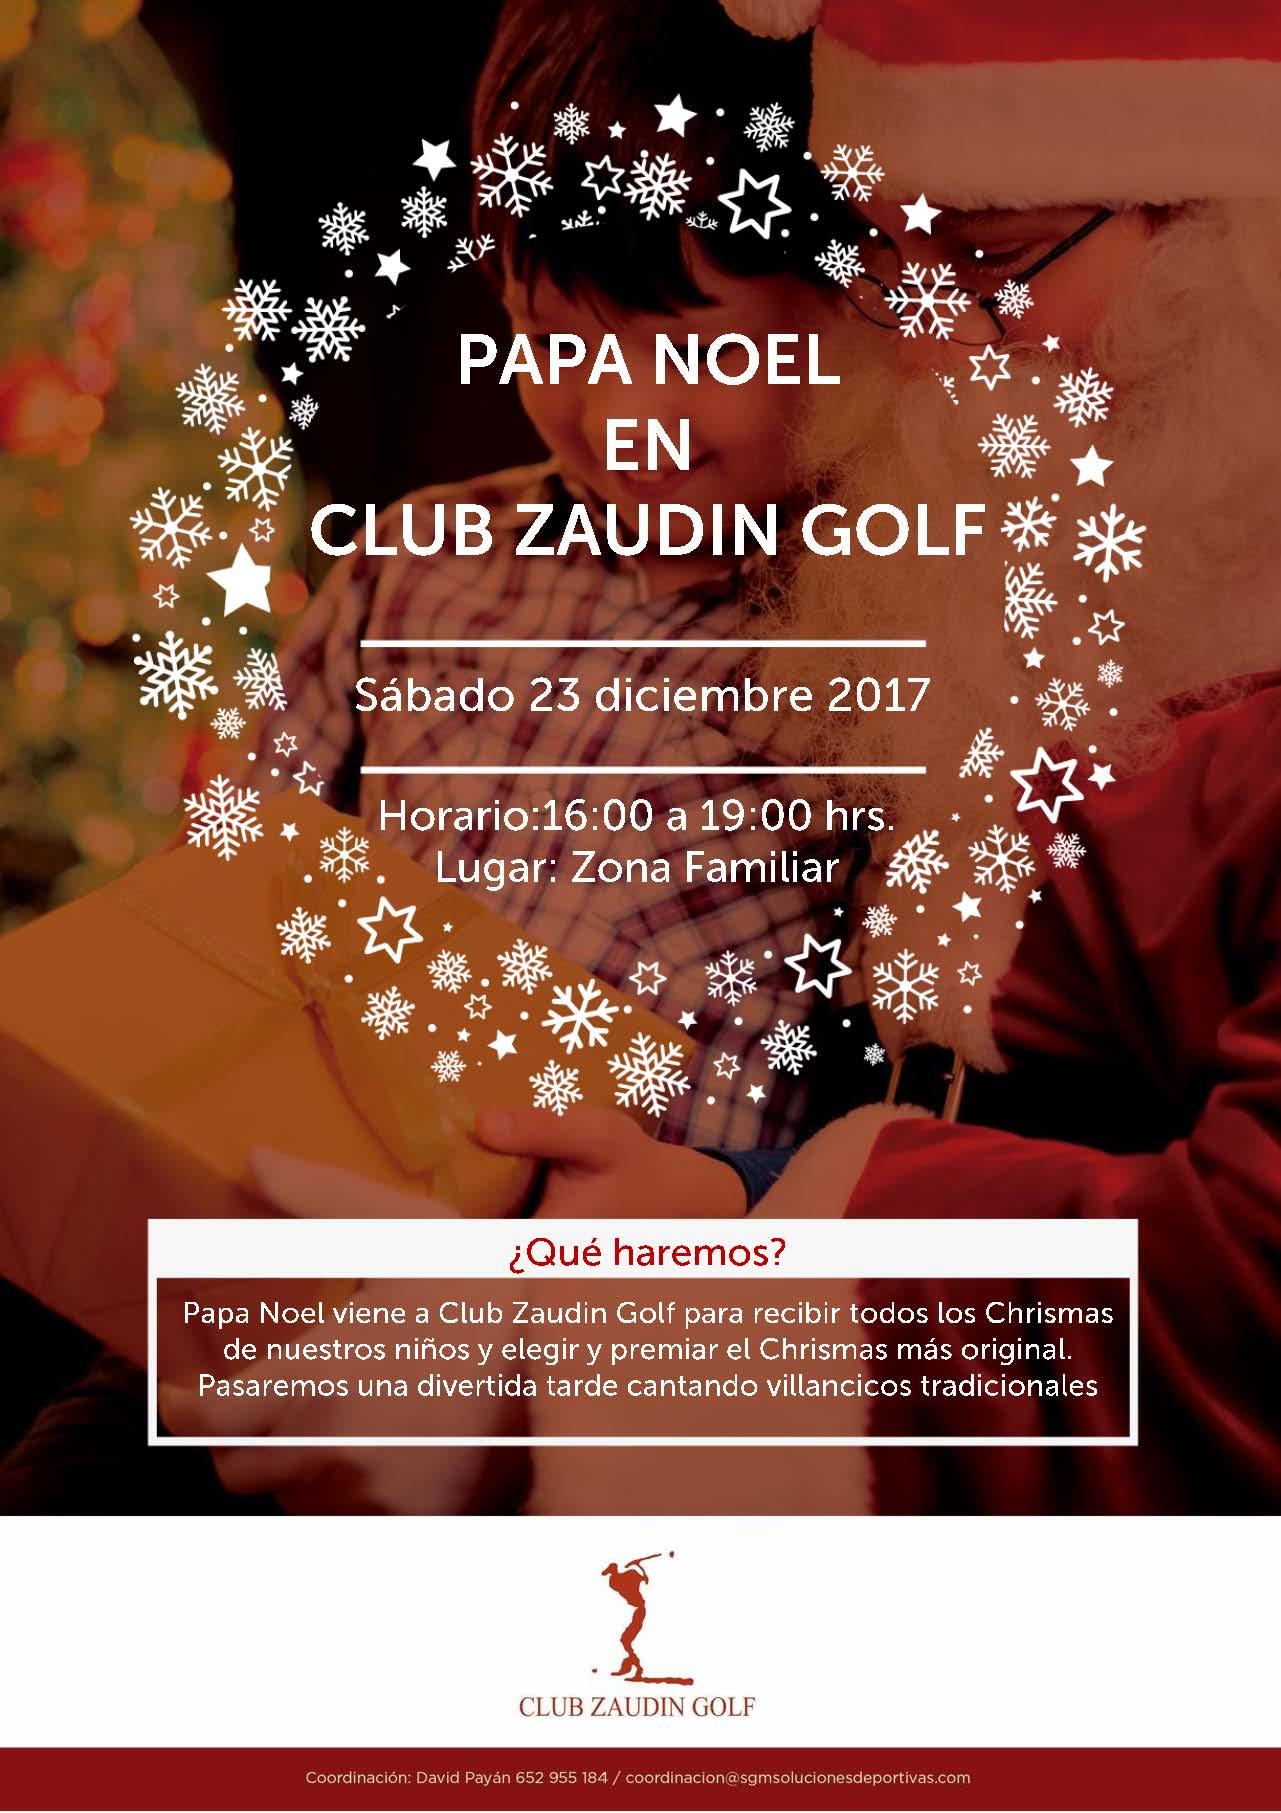 Papa Noel en Club Zaudin Golf